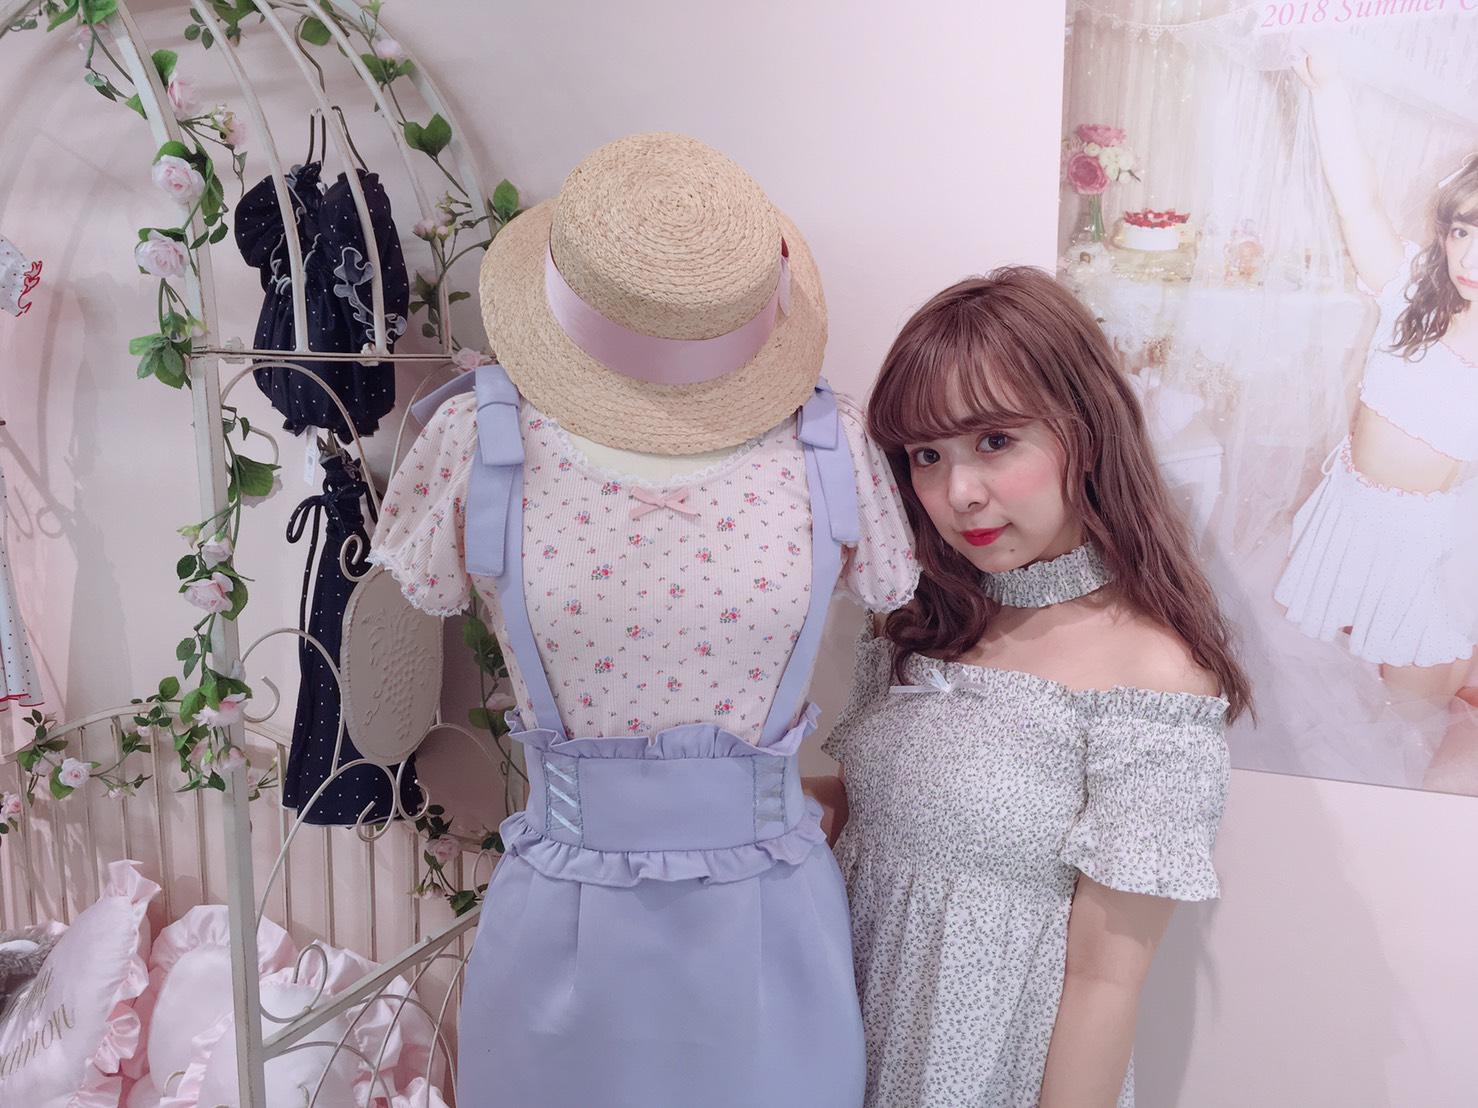 夏の夢見るガーリースタイル*ハニーシナモン夏の新作展示会